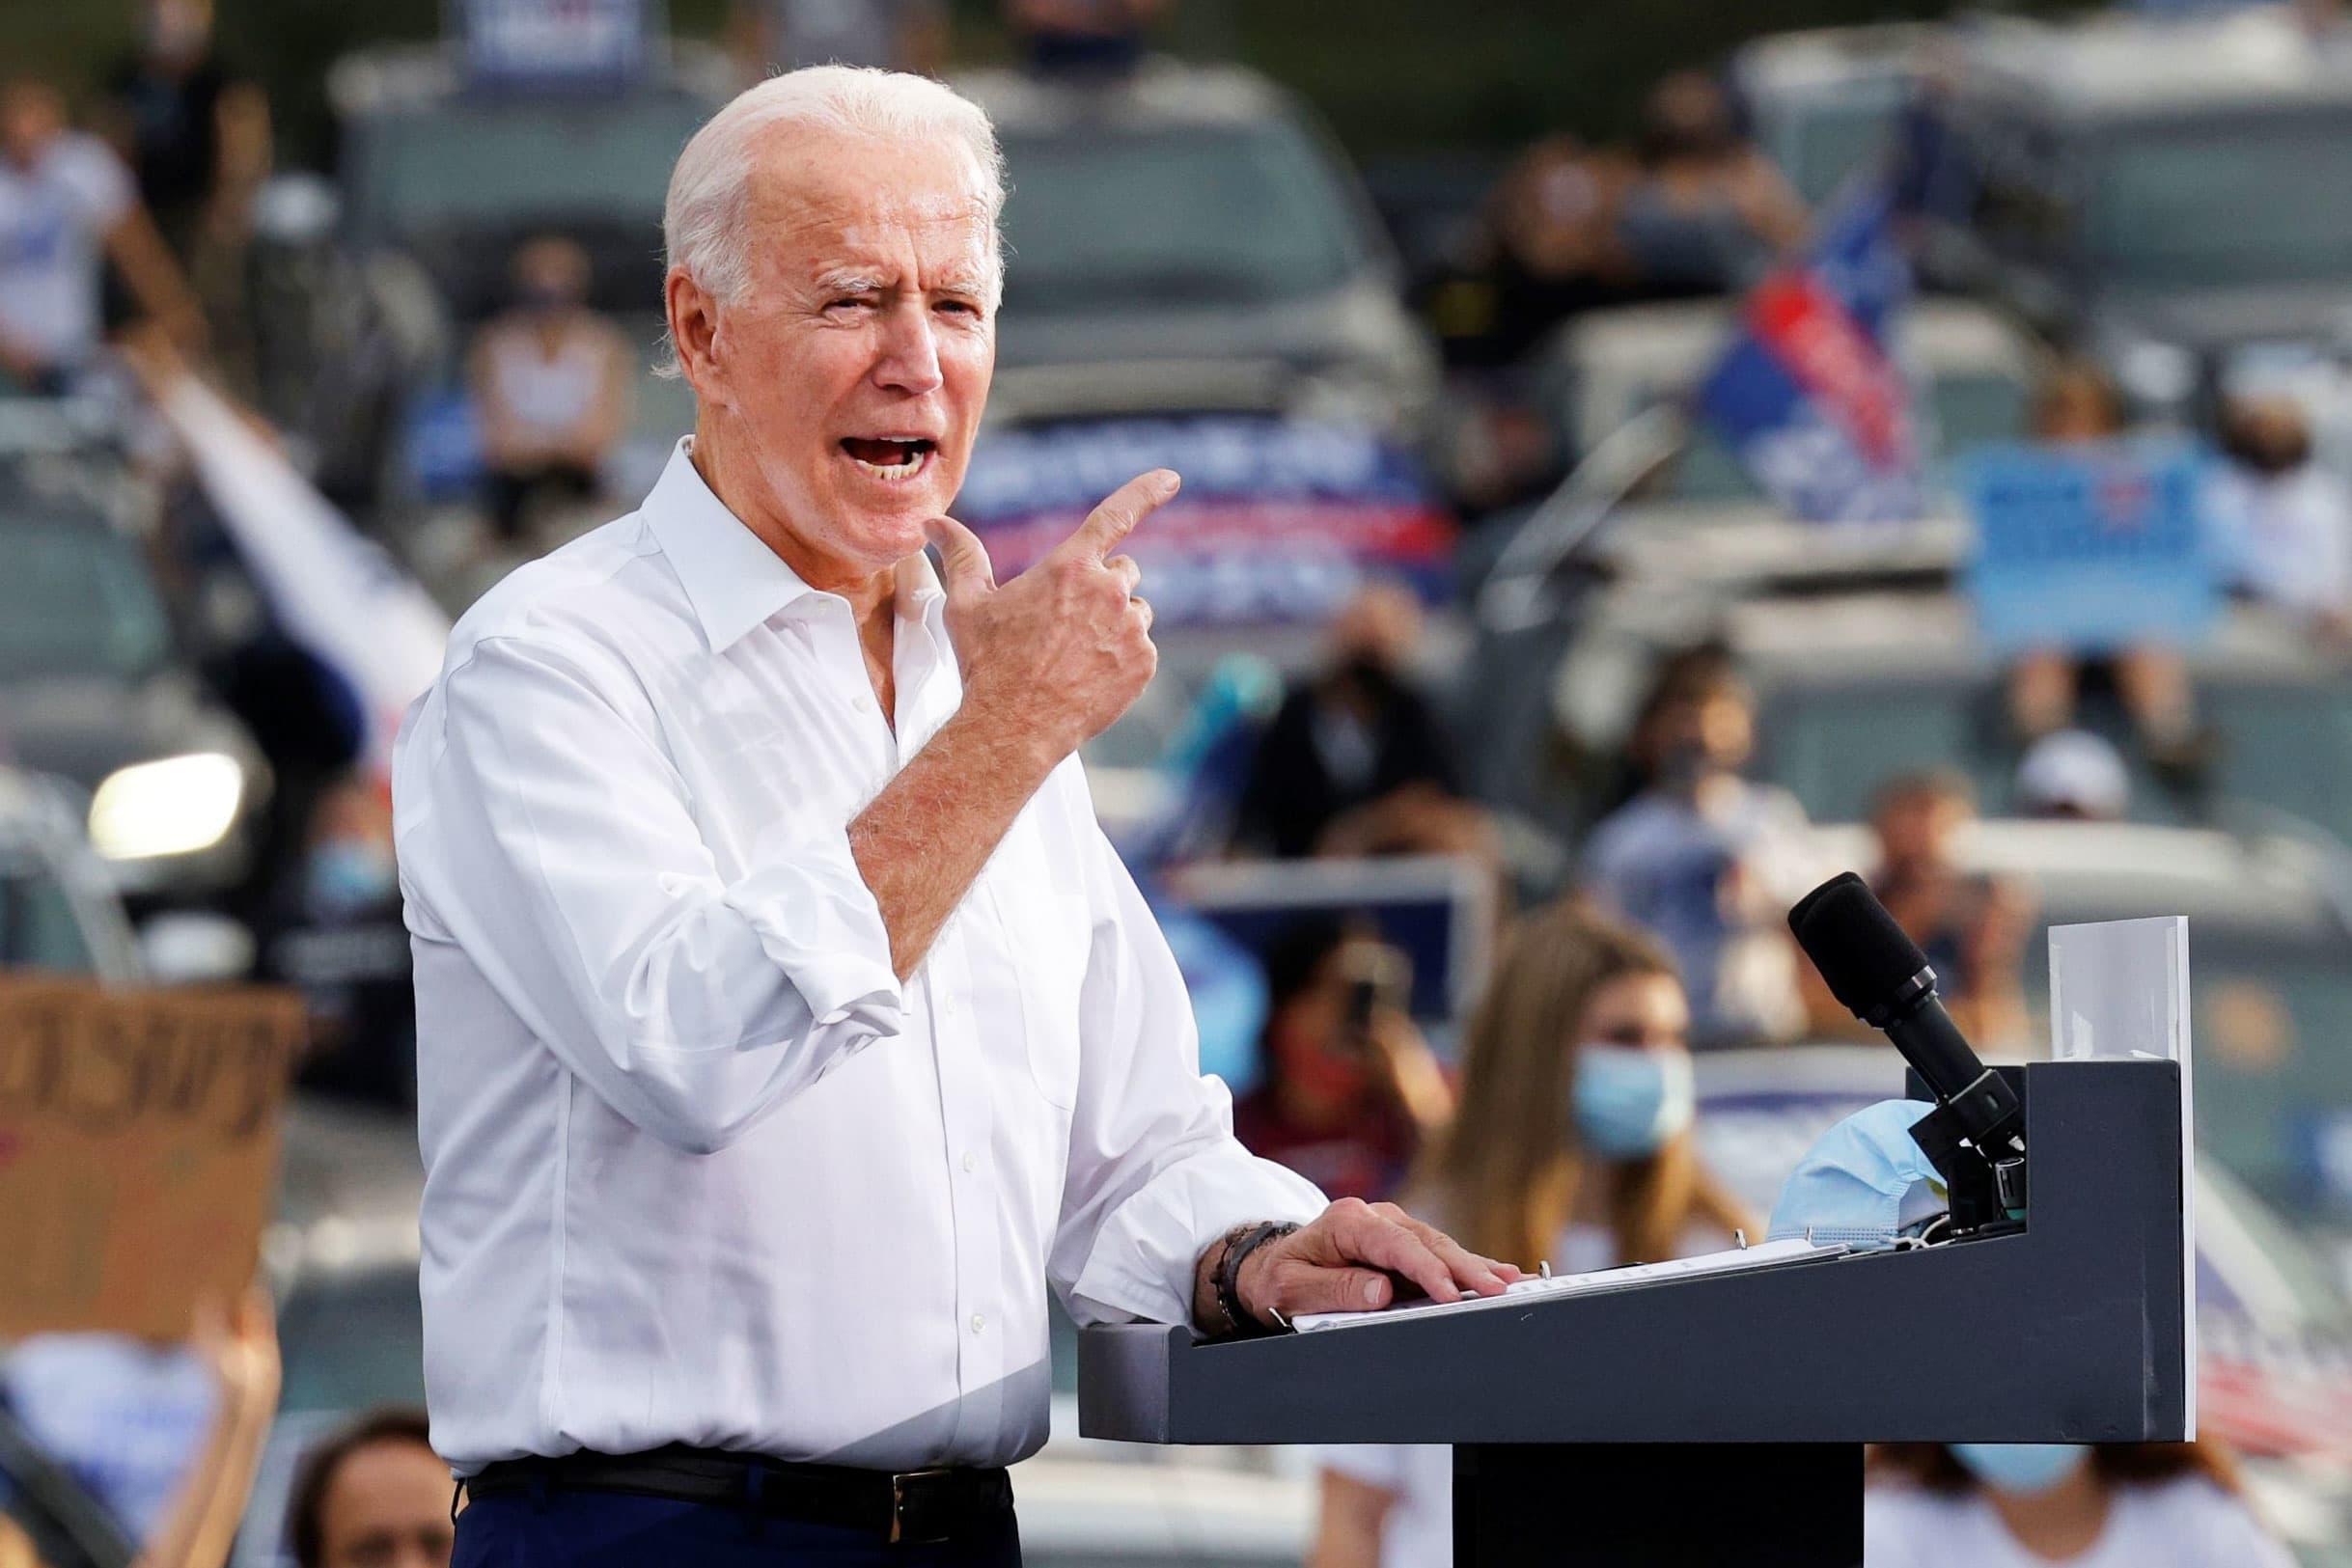 Wall Street spent over $74 million to back Joe Biden's run for president, topping Trump's haul